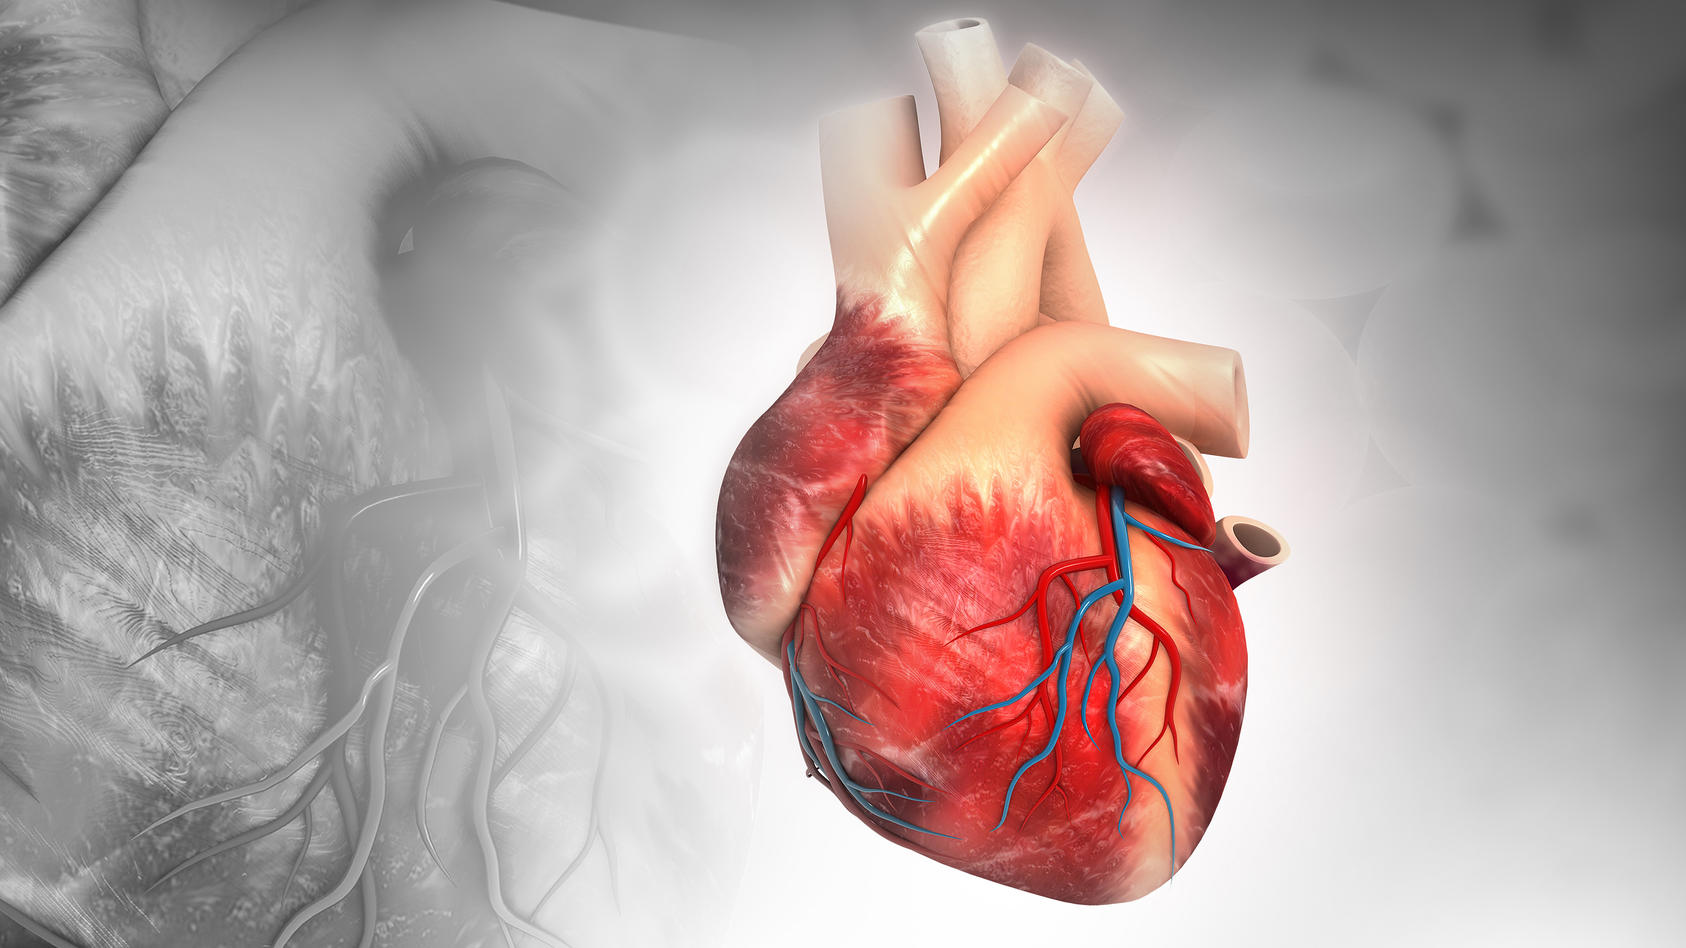 Sauerstoff und Nährstoffe erhält das Herz über die Herzkranzgefäße